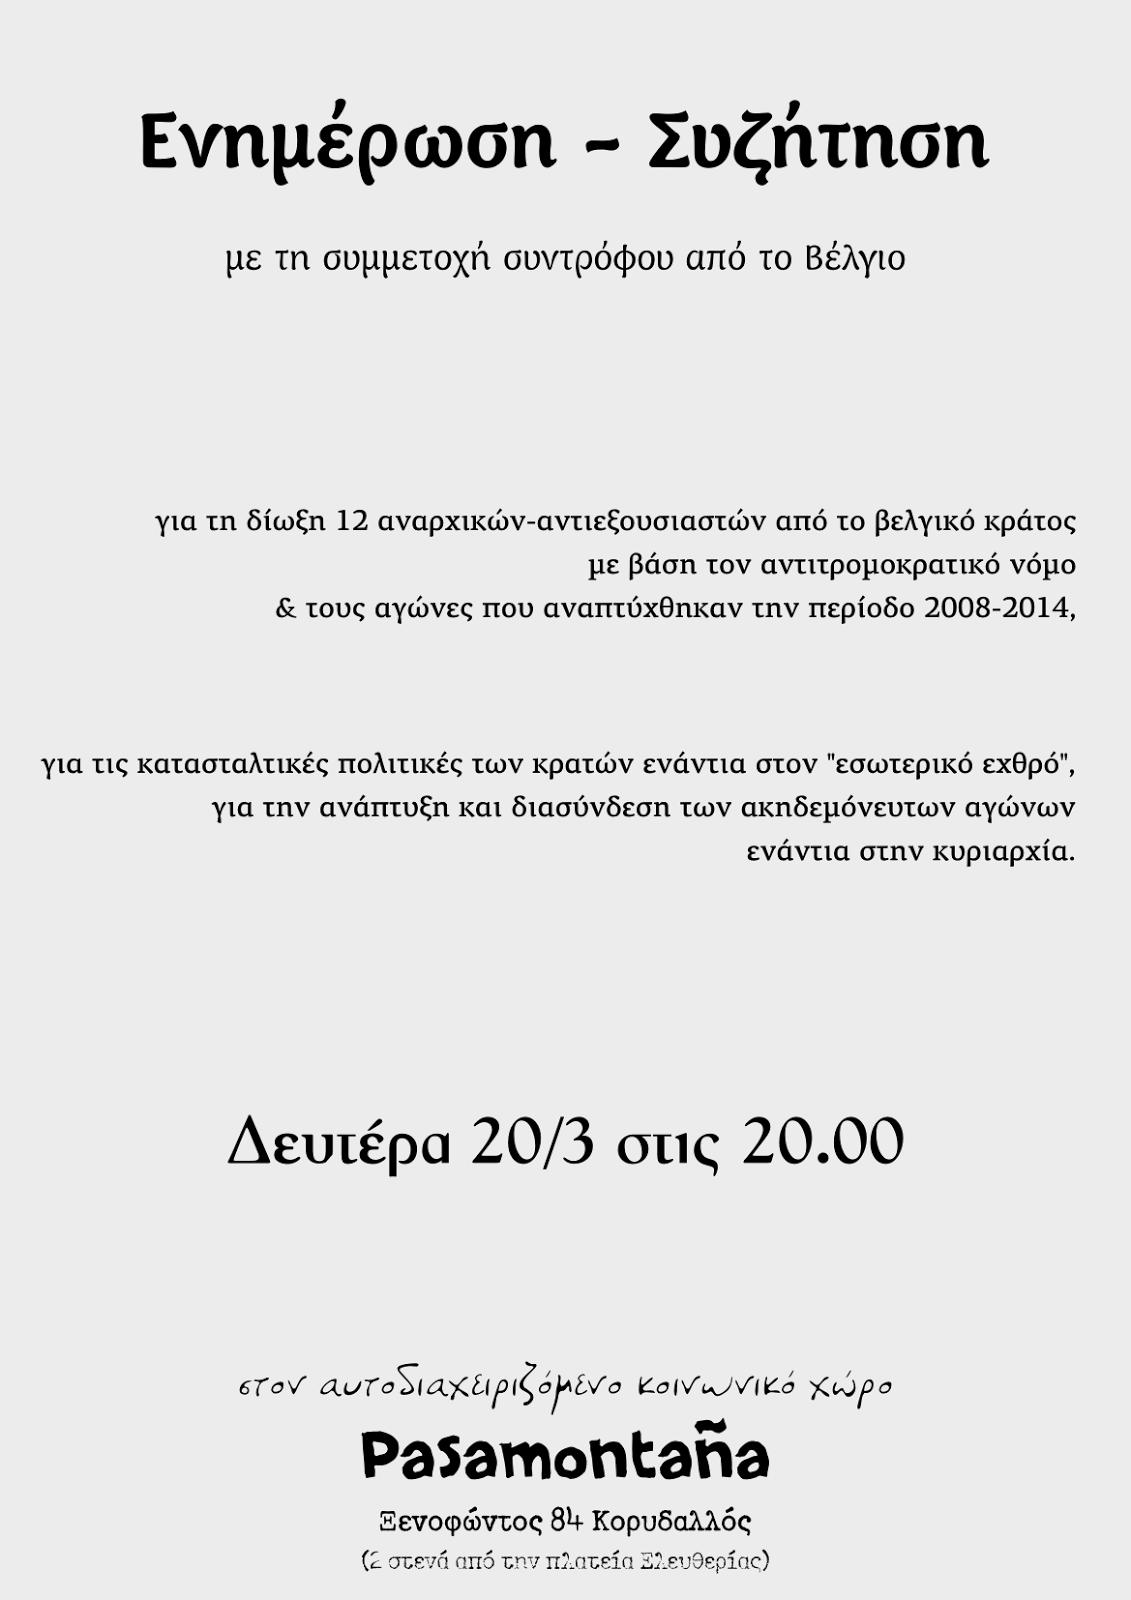 ενημερωση-συζητηση με συντροφο απο το βελγιο (3/'17)